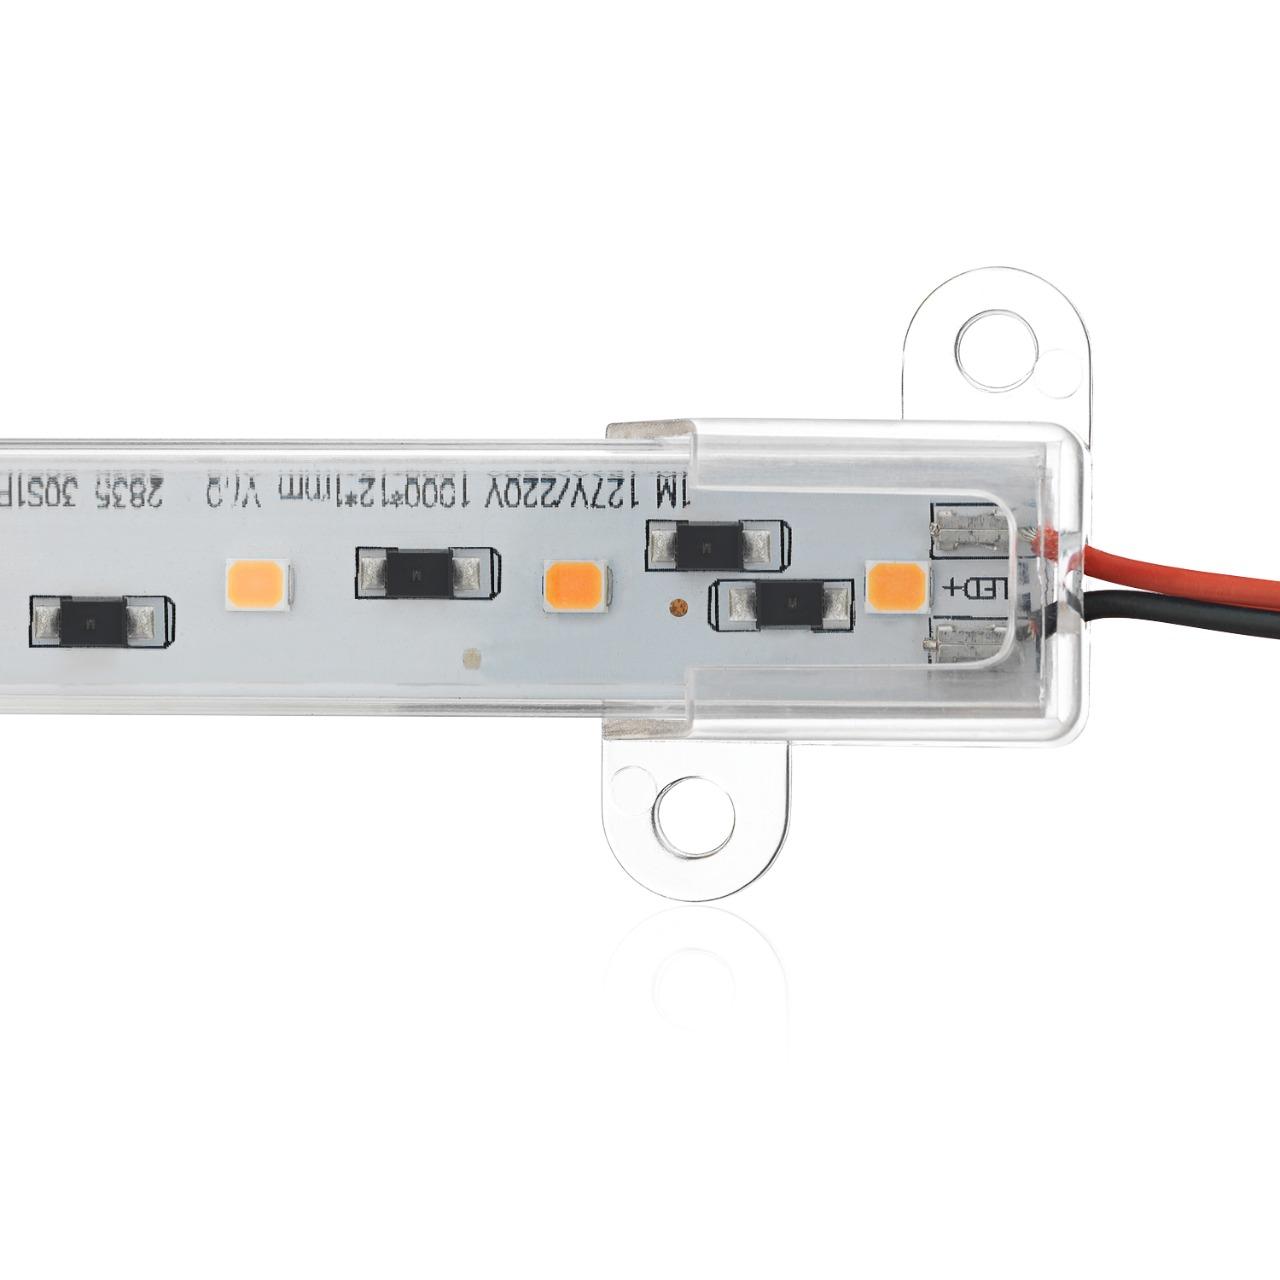 PLACA DE LED - PLUG & PLAY - 10W - 1400K